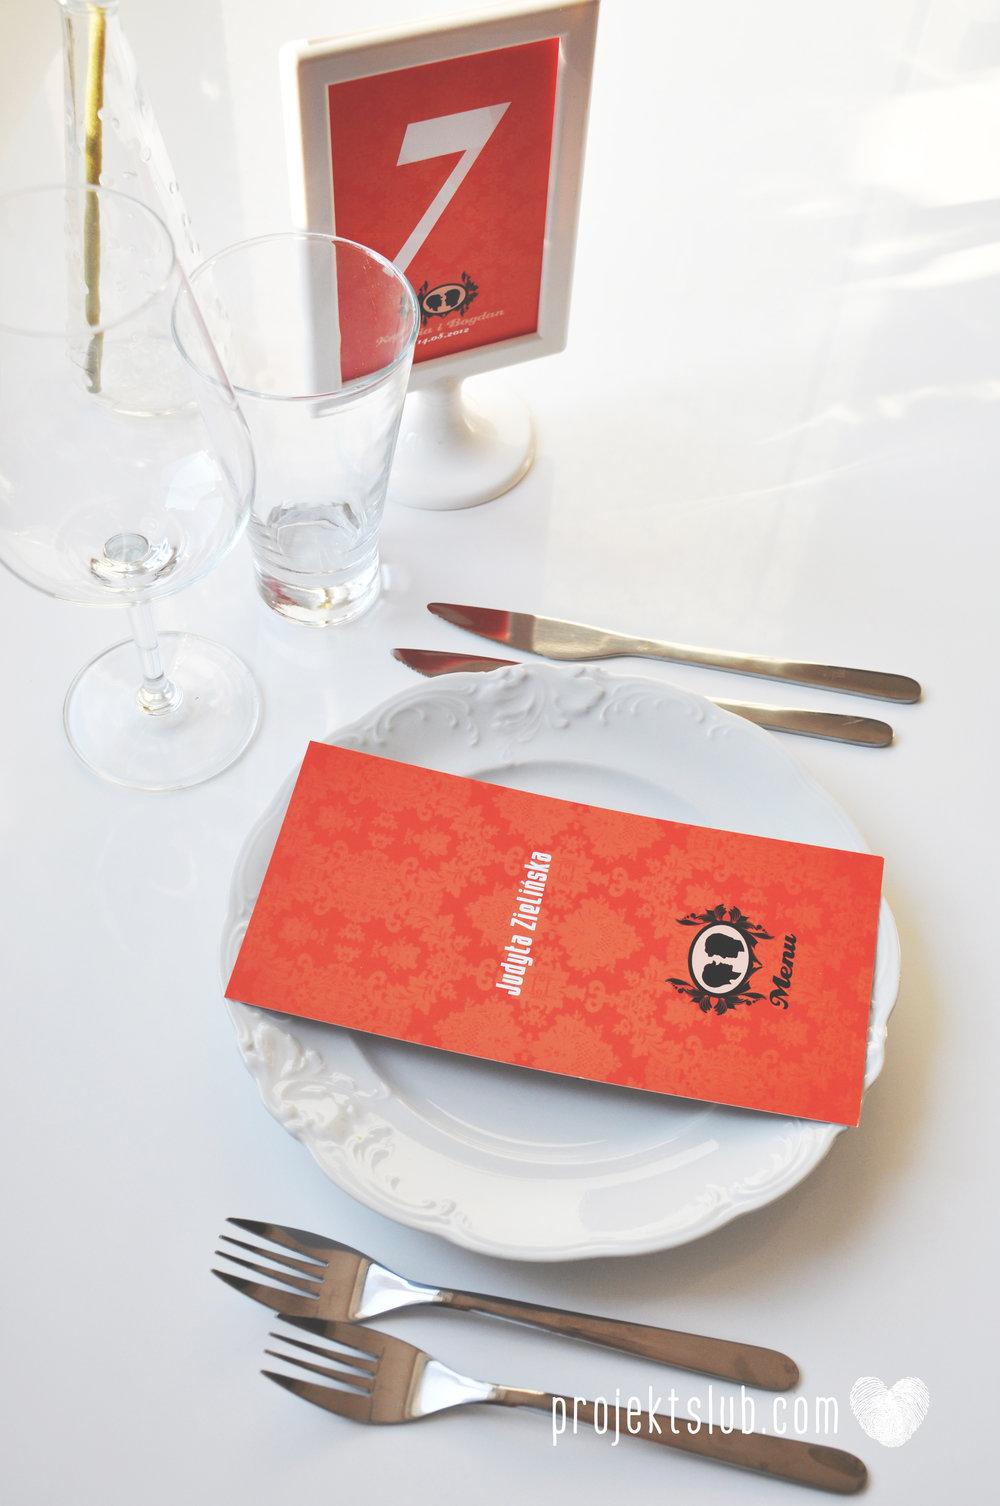 Oryginalne zaproszenie ślubne z kameą czerwone ze wstążką i zdjęciem narzeczonych wyjątkowy design elegancka grafika Czerwień Kamei Projekt Ślub (21).jpg